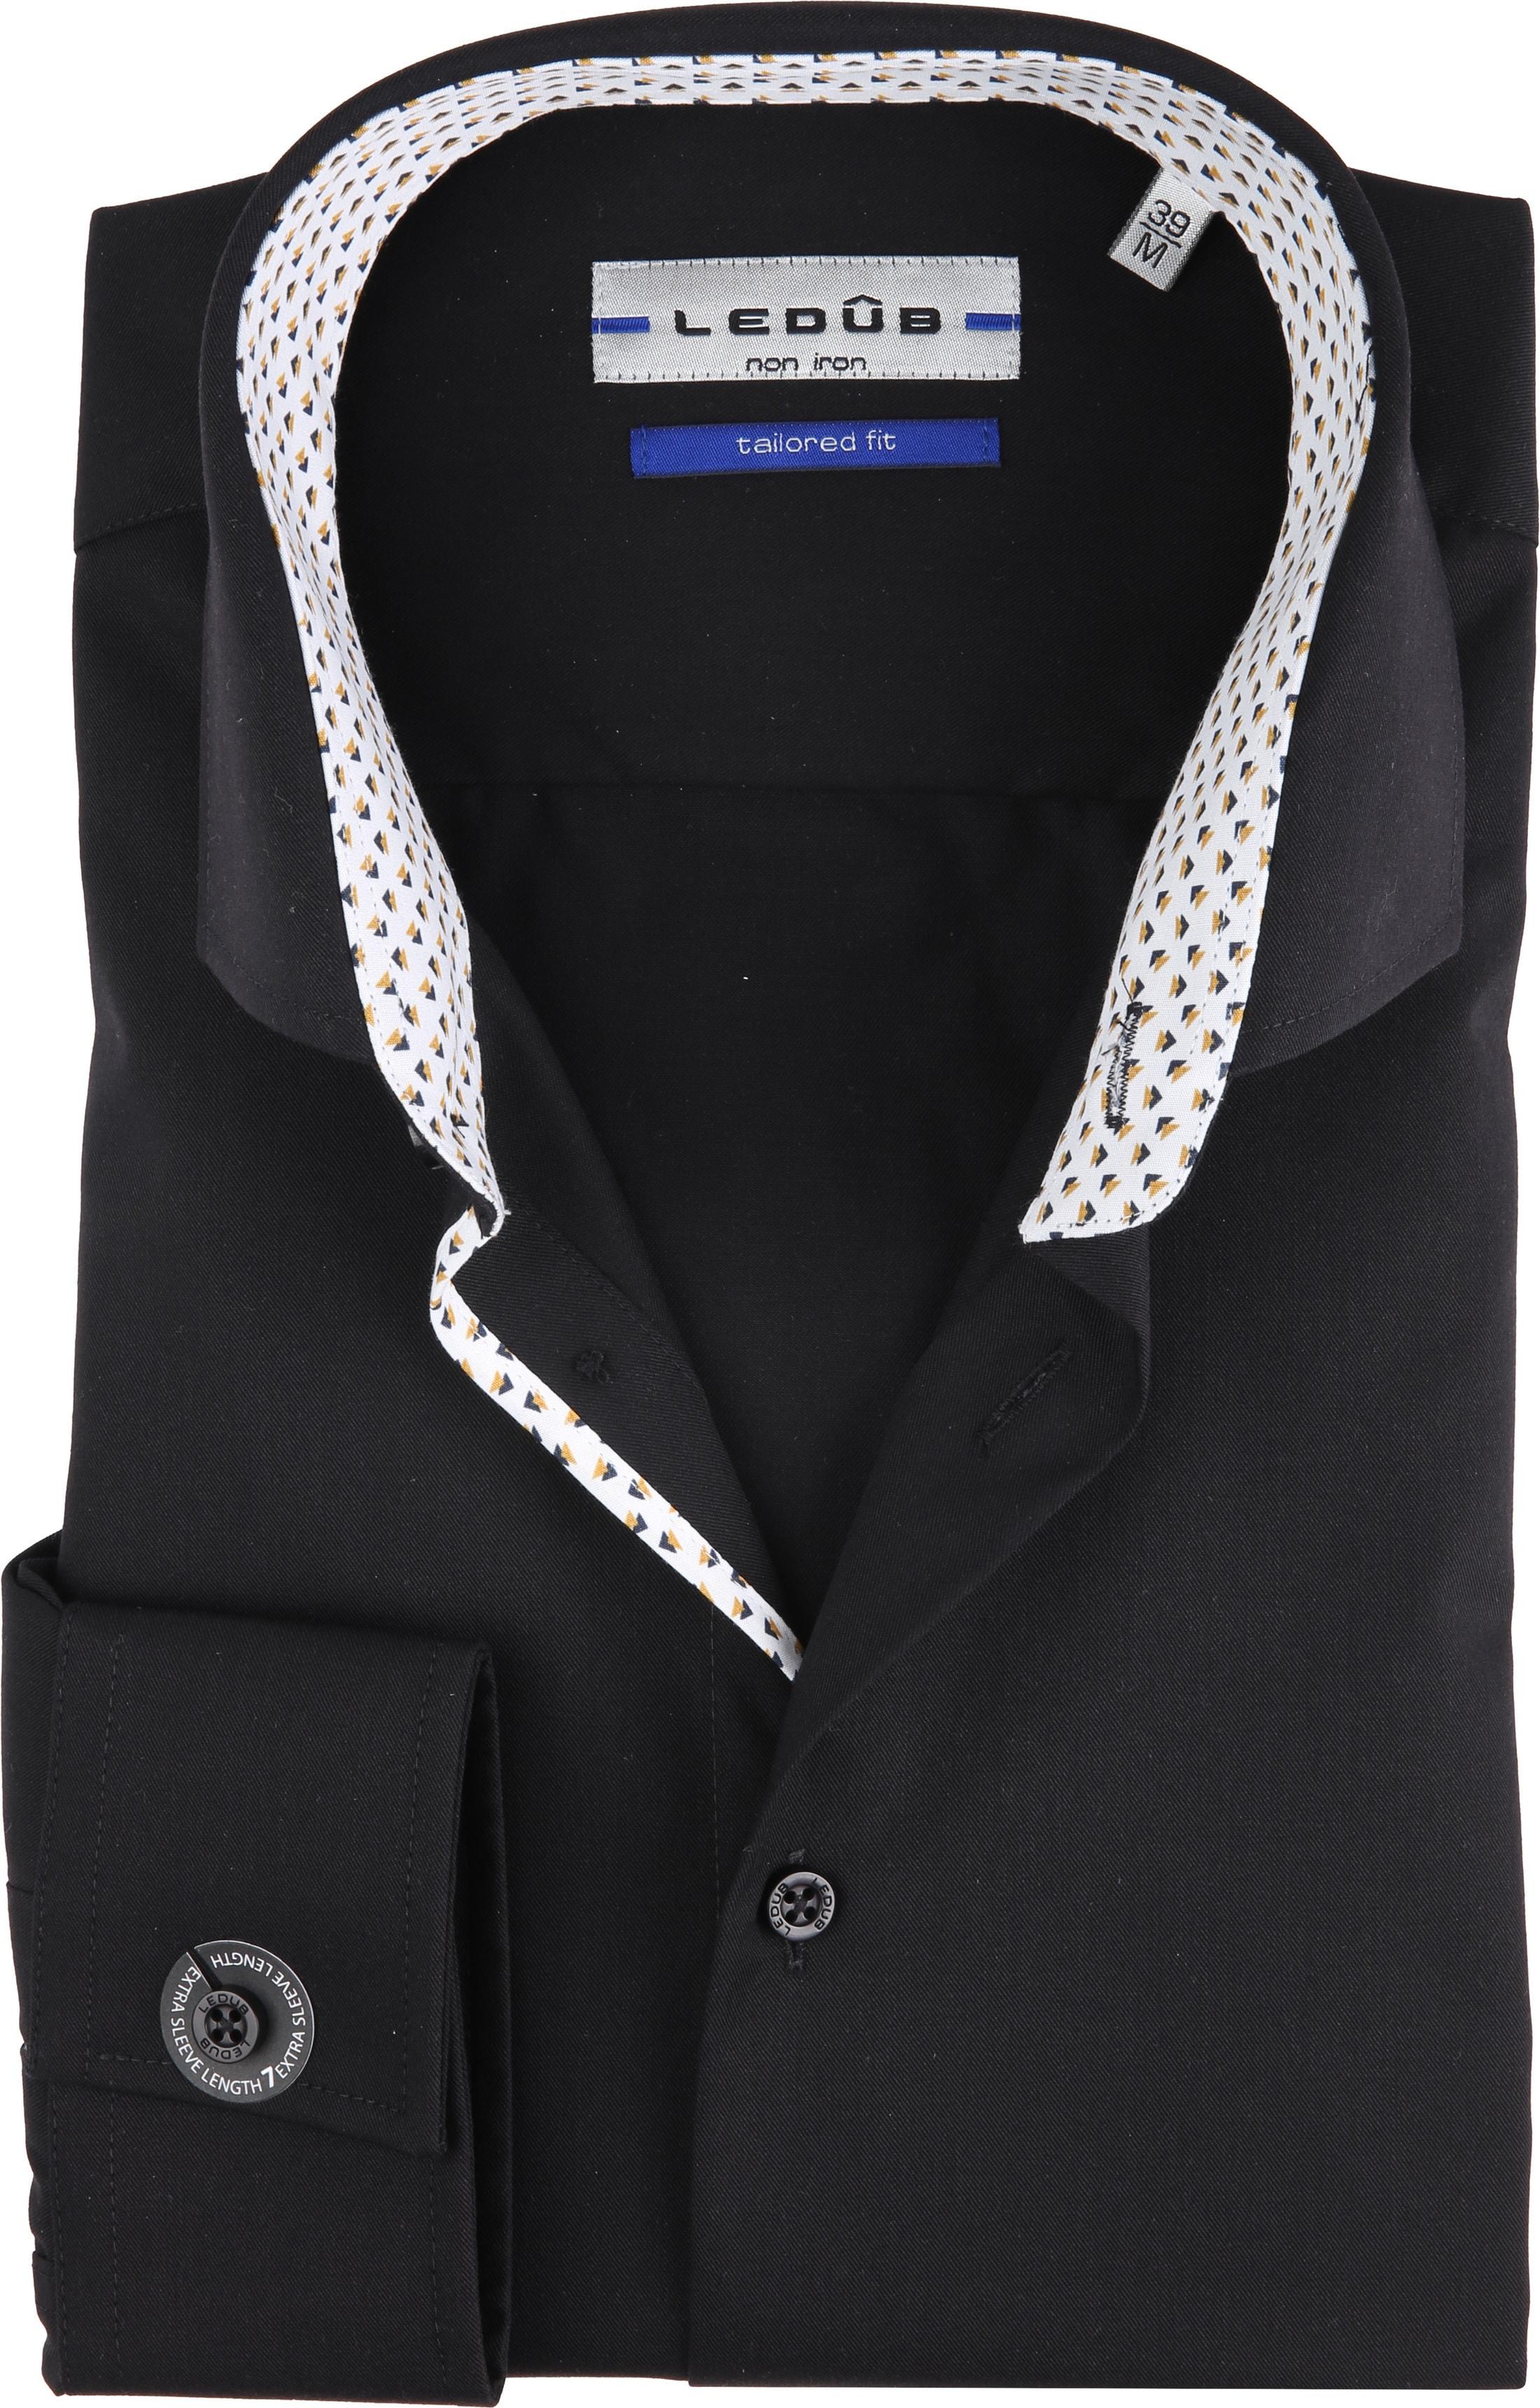 eba5e171982 Ledub Overhemd Strijkvrij Zwart 0137651 online bestellen | Suitable